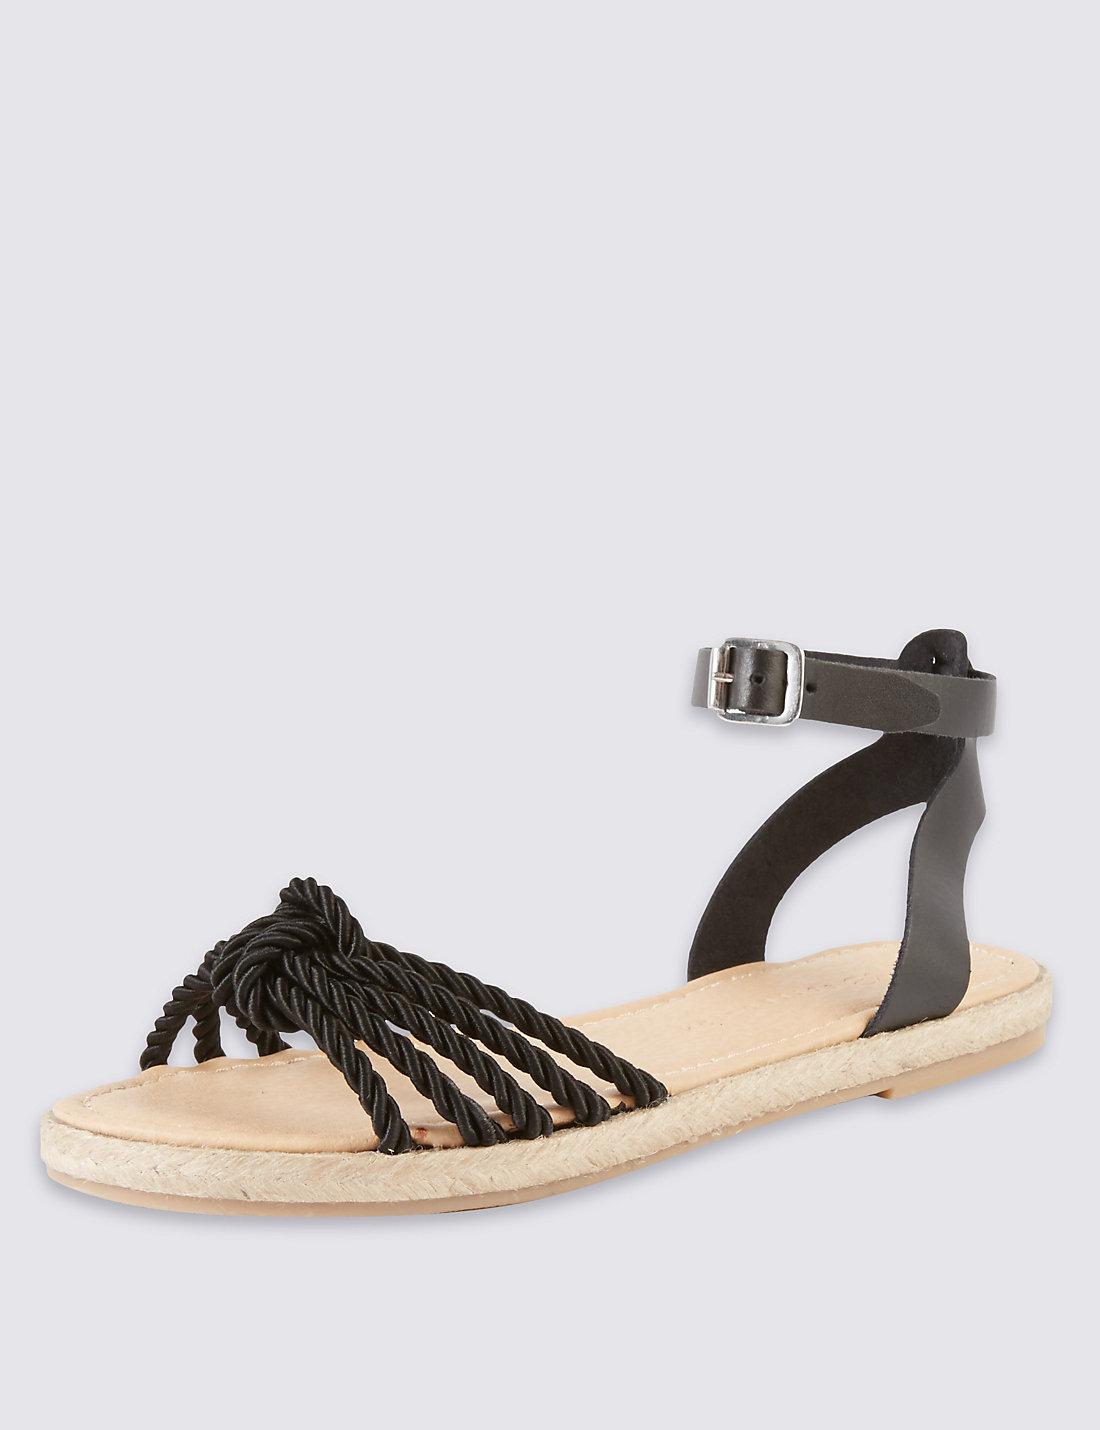 Kitten Heel Shoes Next